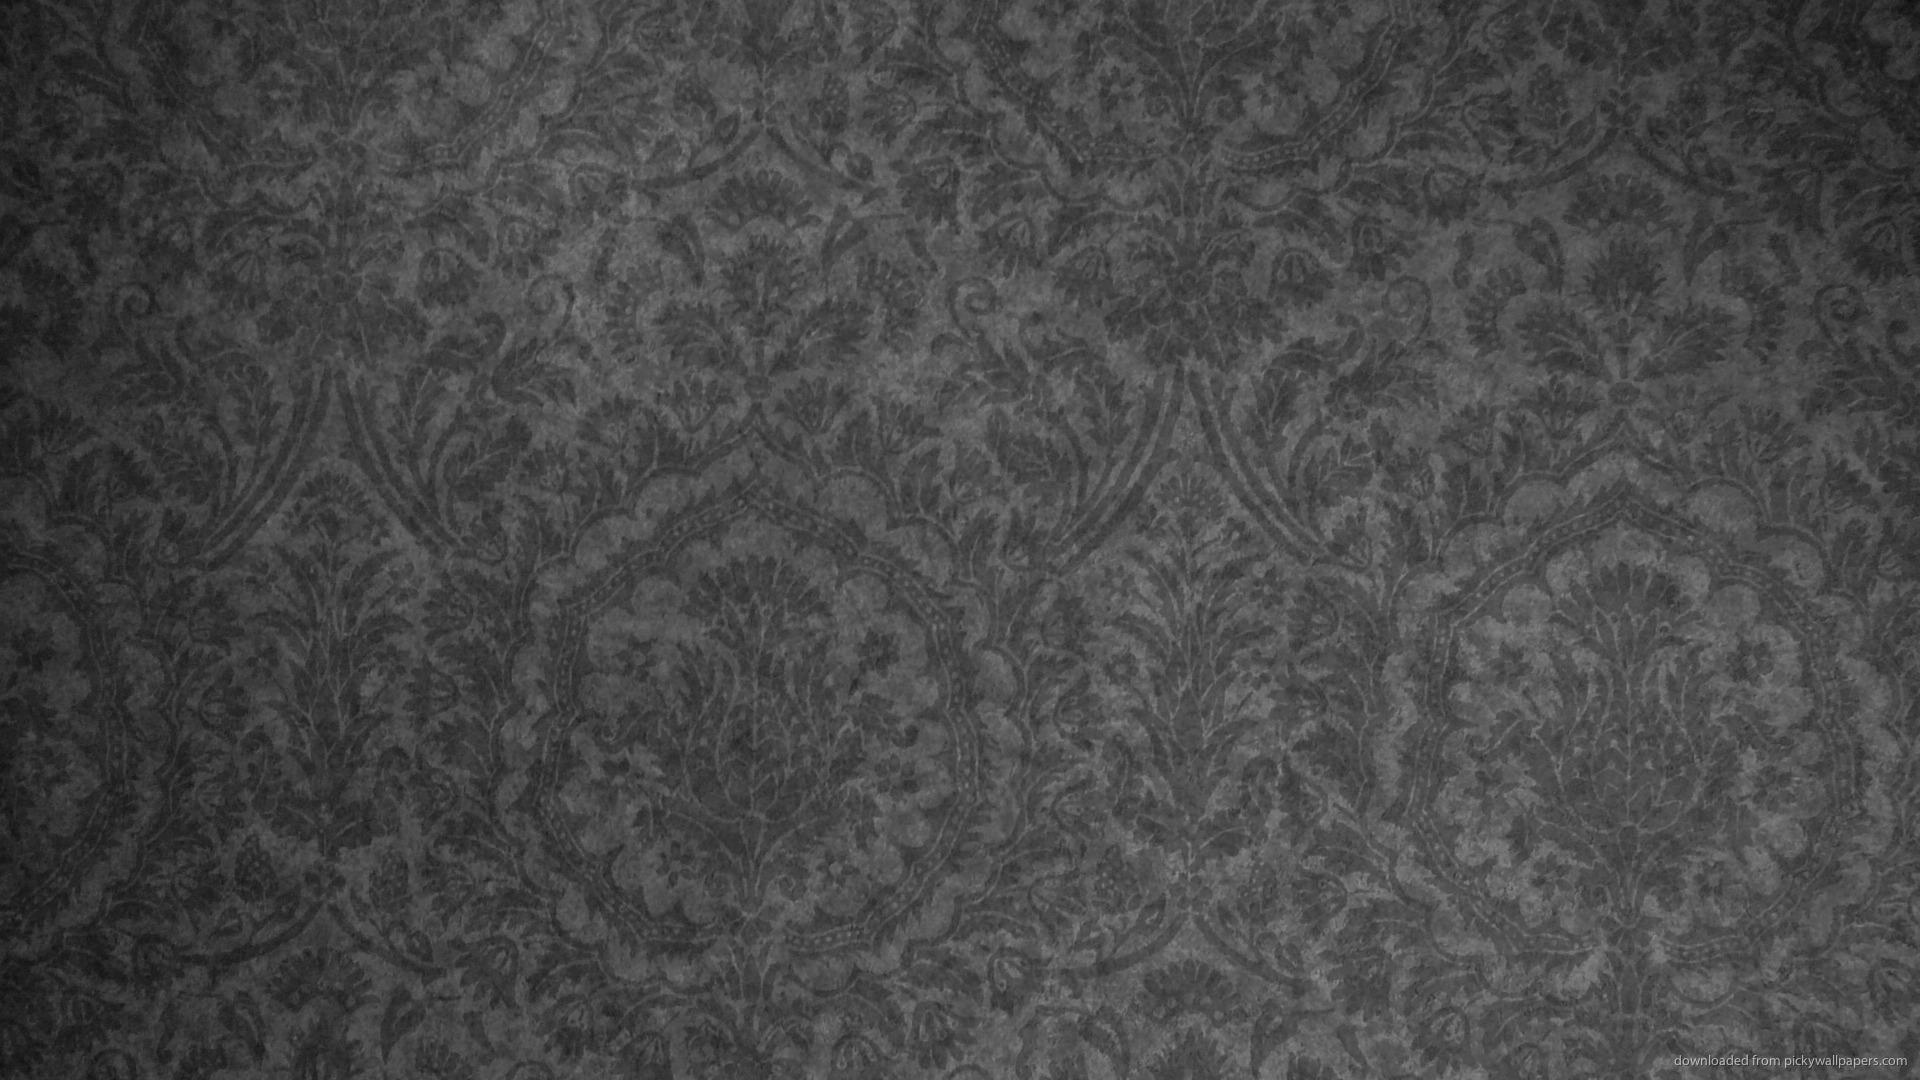 Grey Pattern Wallpaper 2017 Grcloth 1920x1080